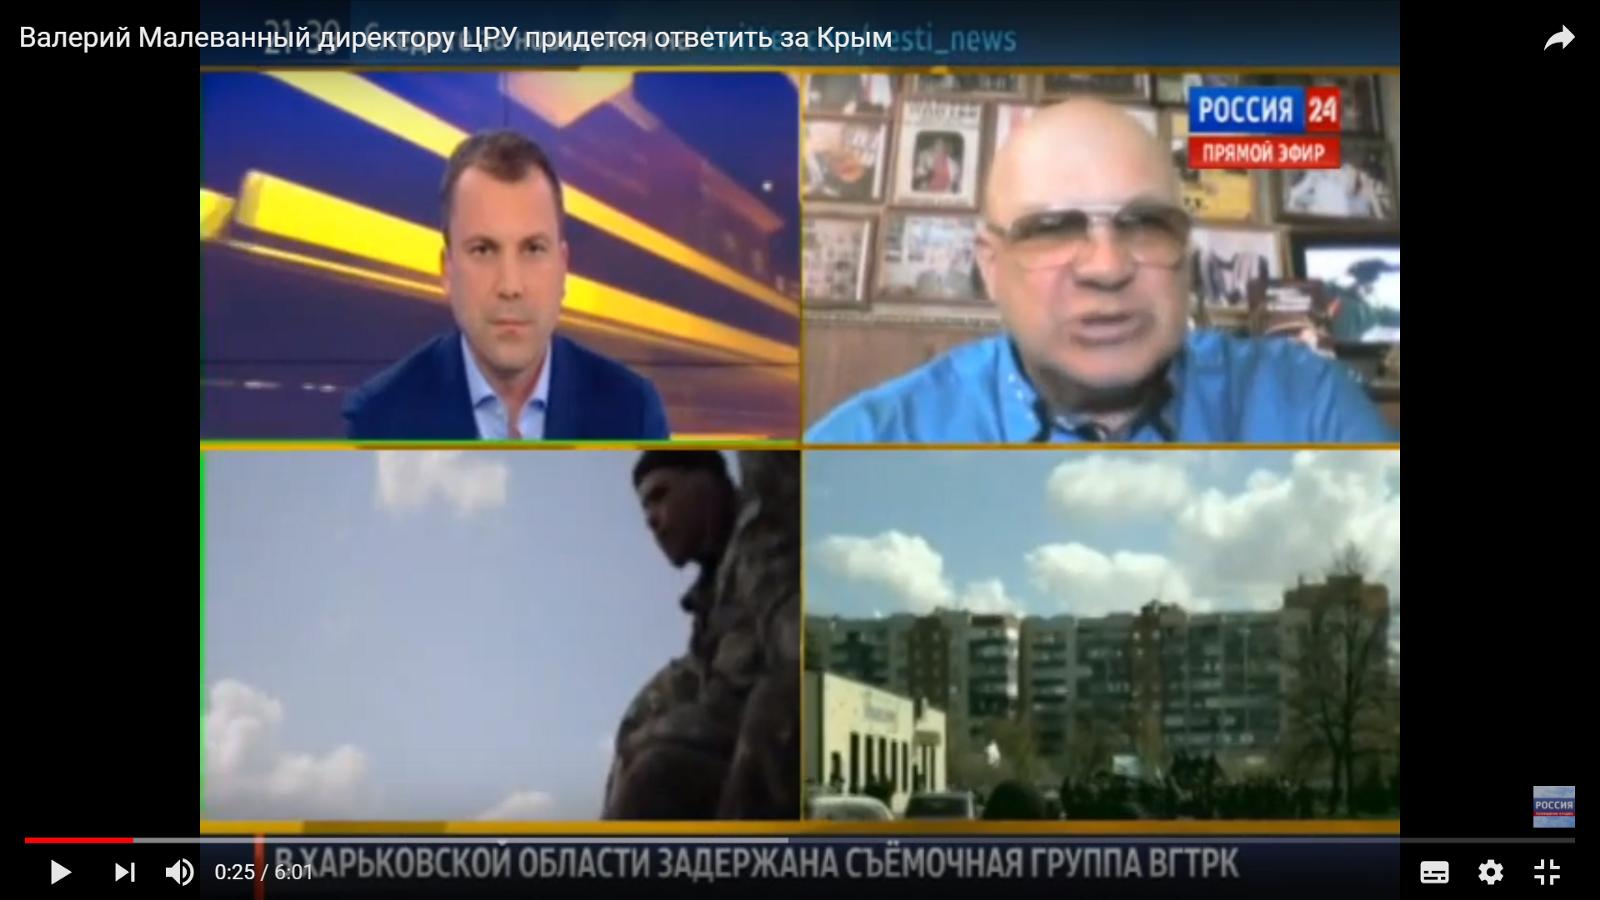 ЦУР: «Генерал ГРУ» и «главный эксперт по спецслужбам» российских телеканалов оказался мошенником с выдуманной биографией